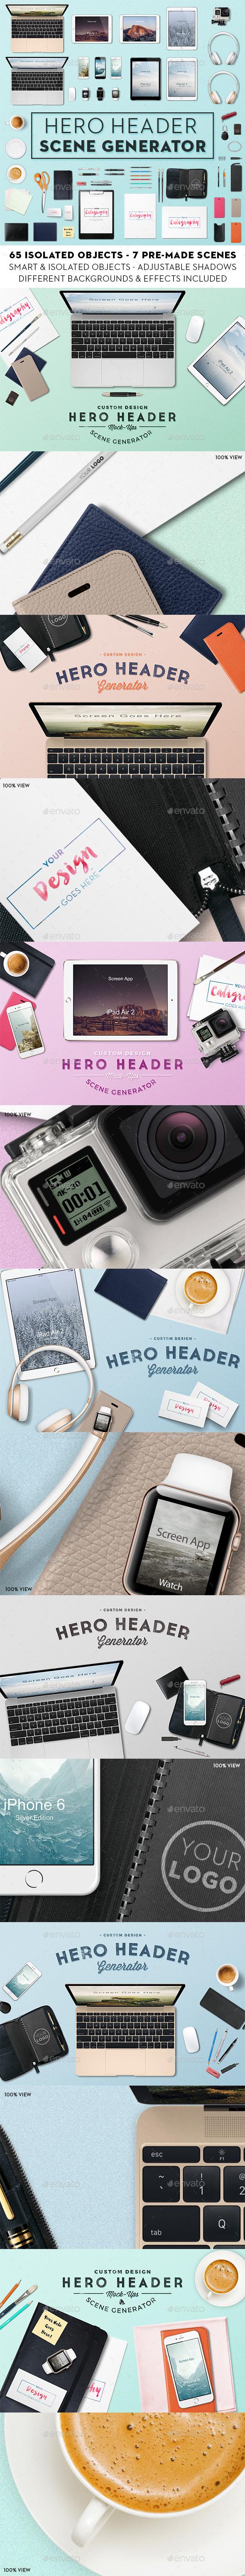 Hero Header Scene Generator - Hero Images Graphics